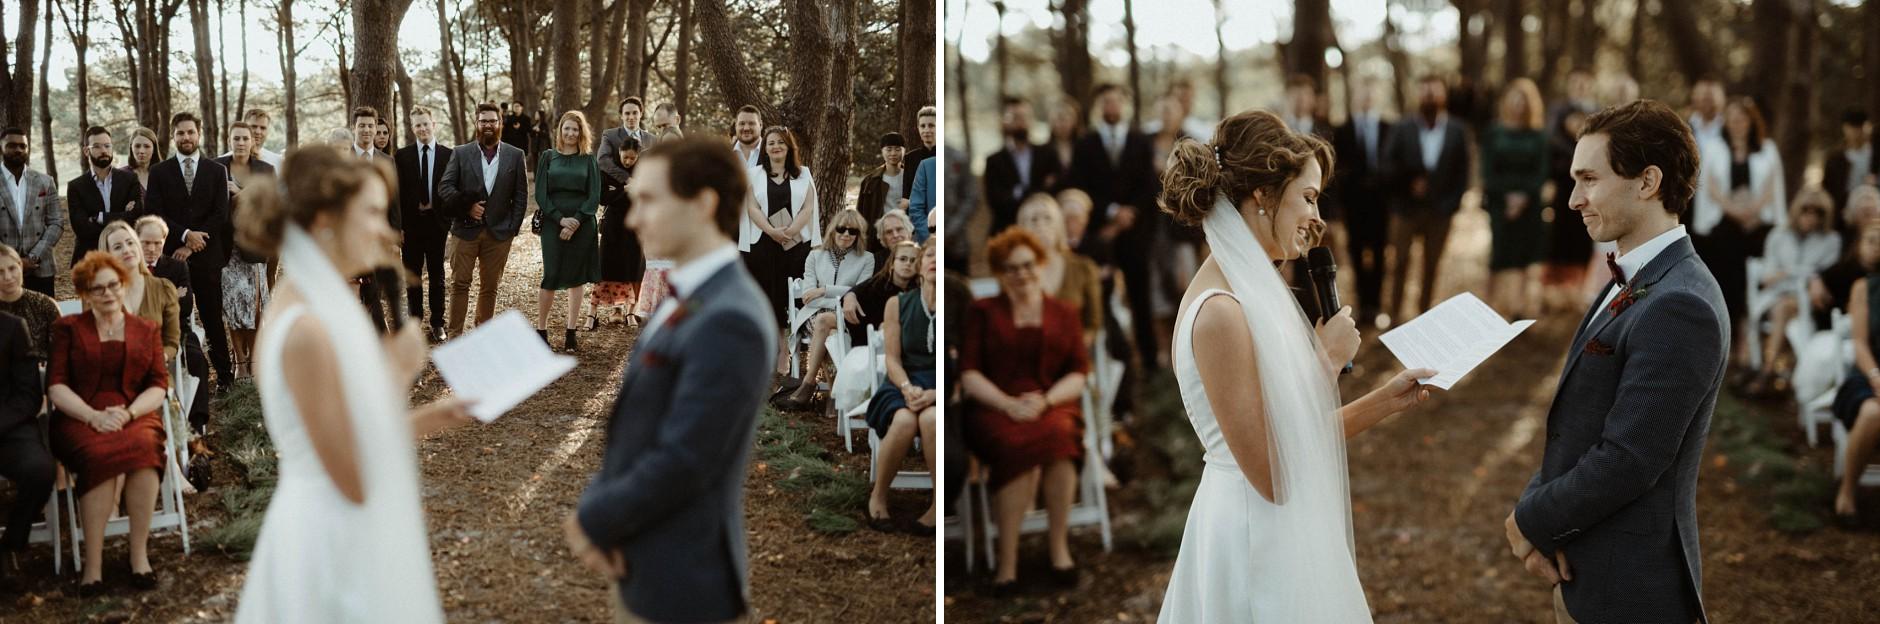 Sydney-Wedding-Photographer-kath&ross0369_Sydney-Wedding-Photographer.jpg